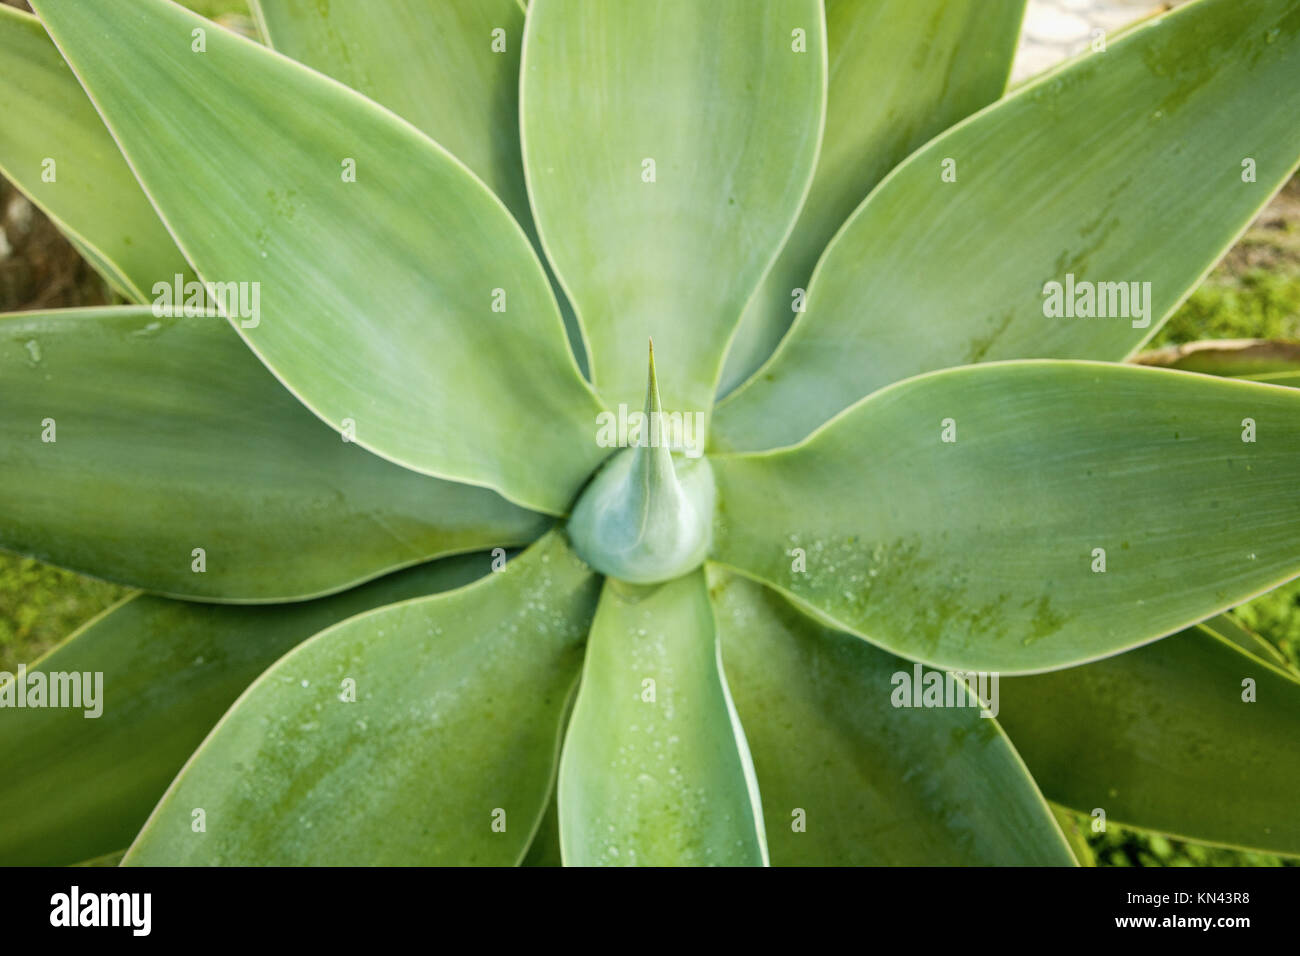 Agave Attenuata cactus plant, Sagres, Algarve, Portugal. - Stock Image